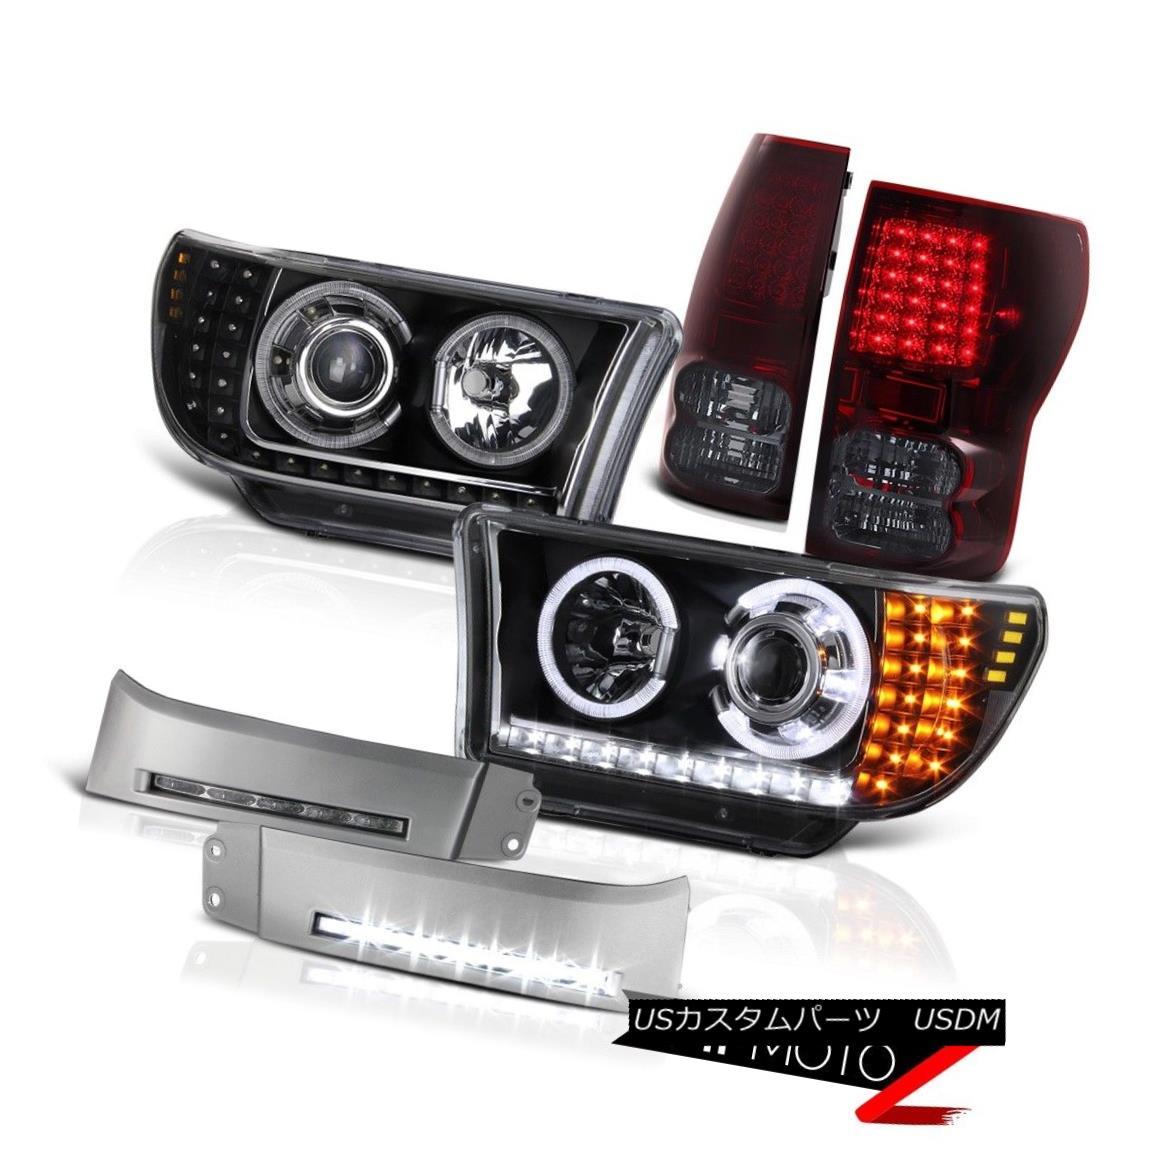 テールライト 2007 2008 2009 2010 2011 2012 2013 Tundra BLK Red Smoke Tail light Headlight Fog 2007年2008年2009年2010年2011年2012年2013年Tundra BLKレッド煙テールライトヘッドライトフォグ